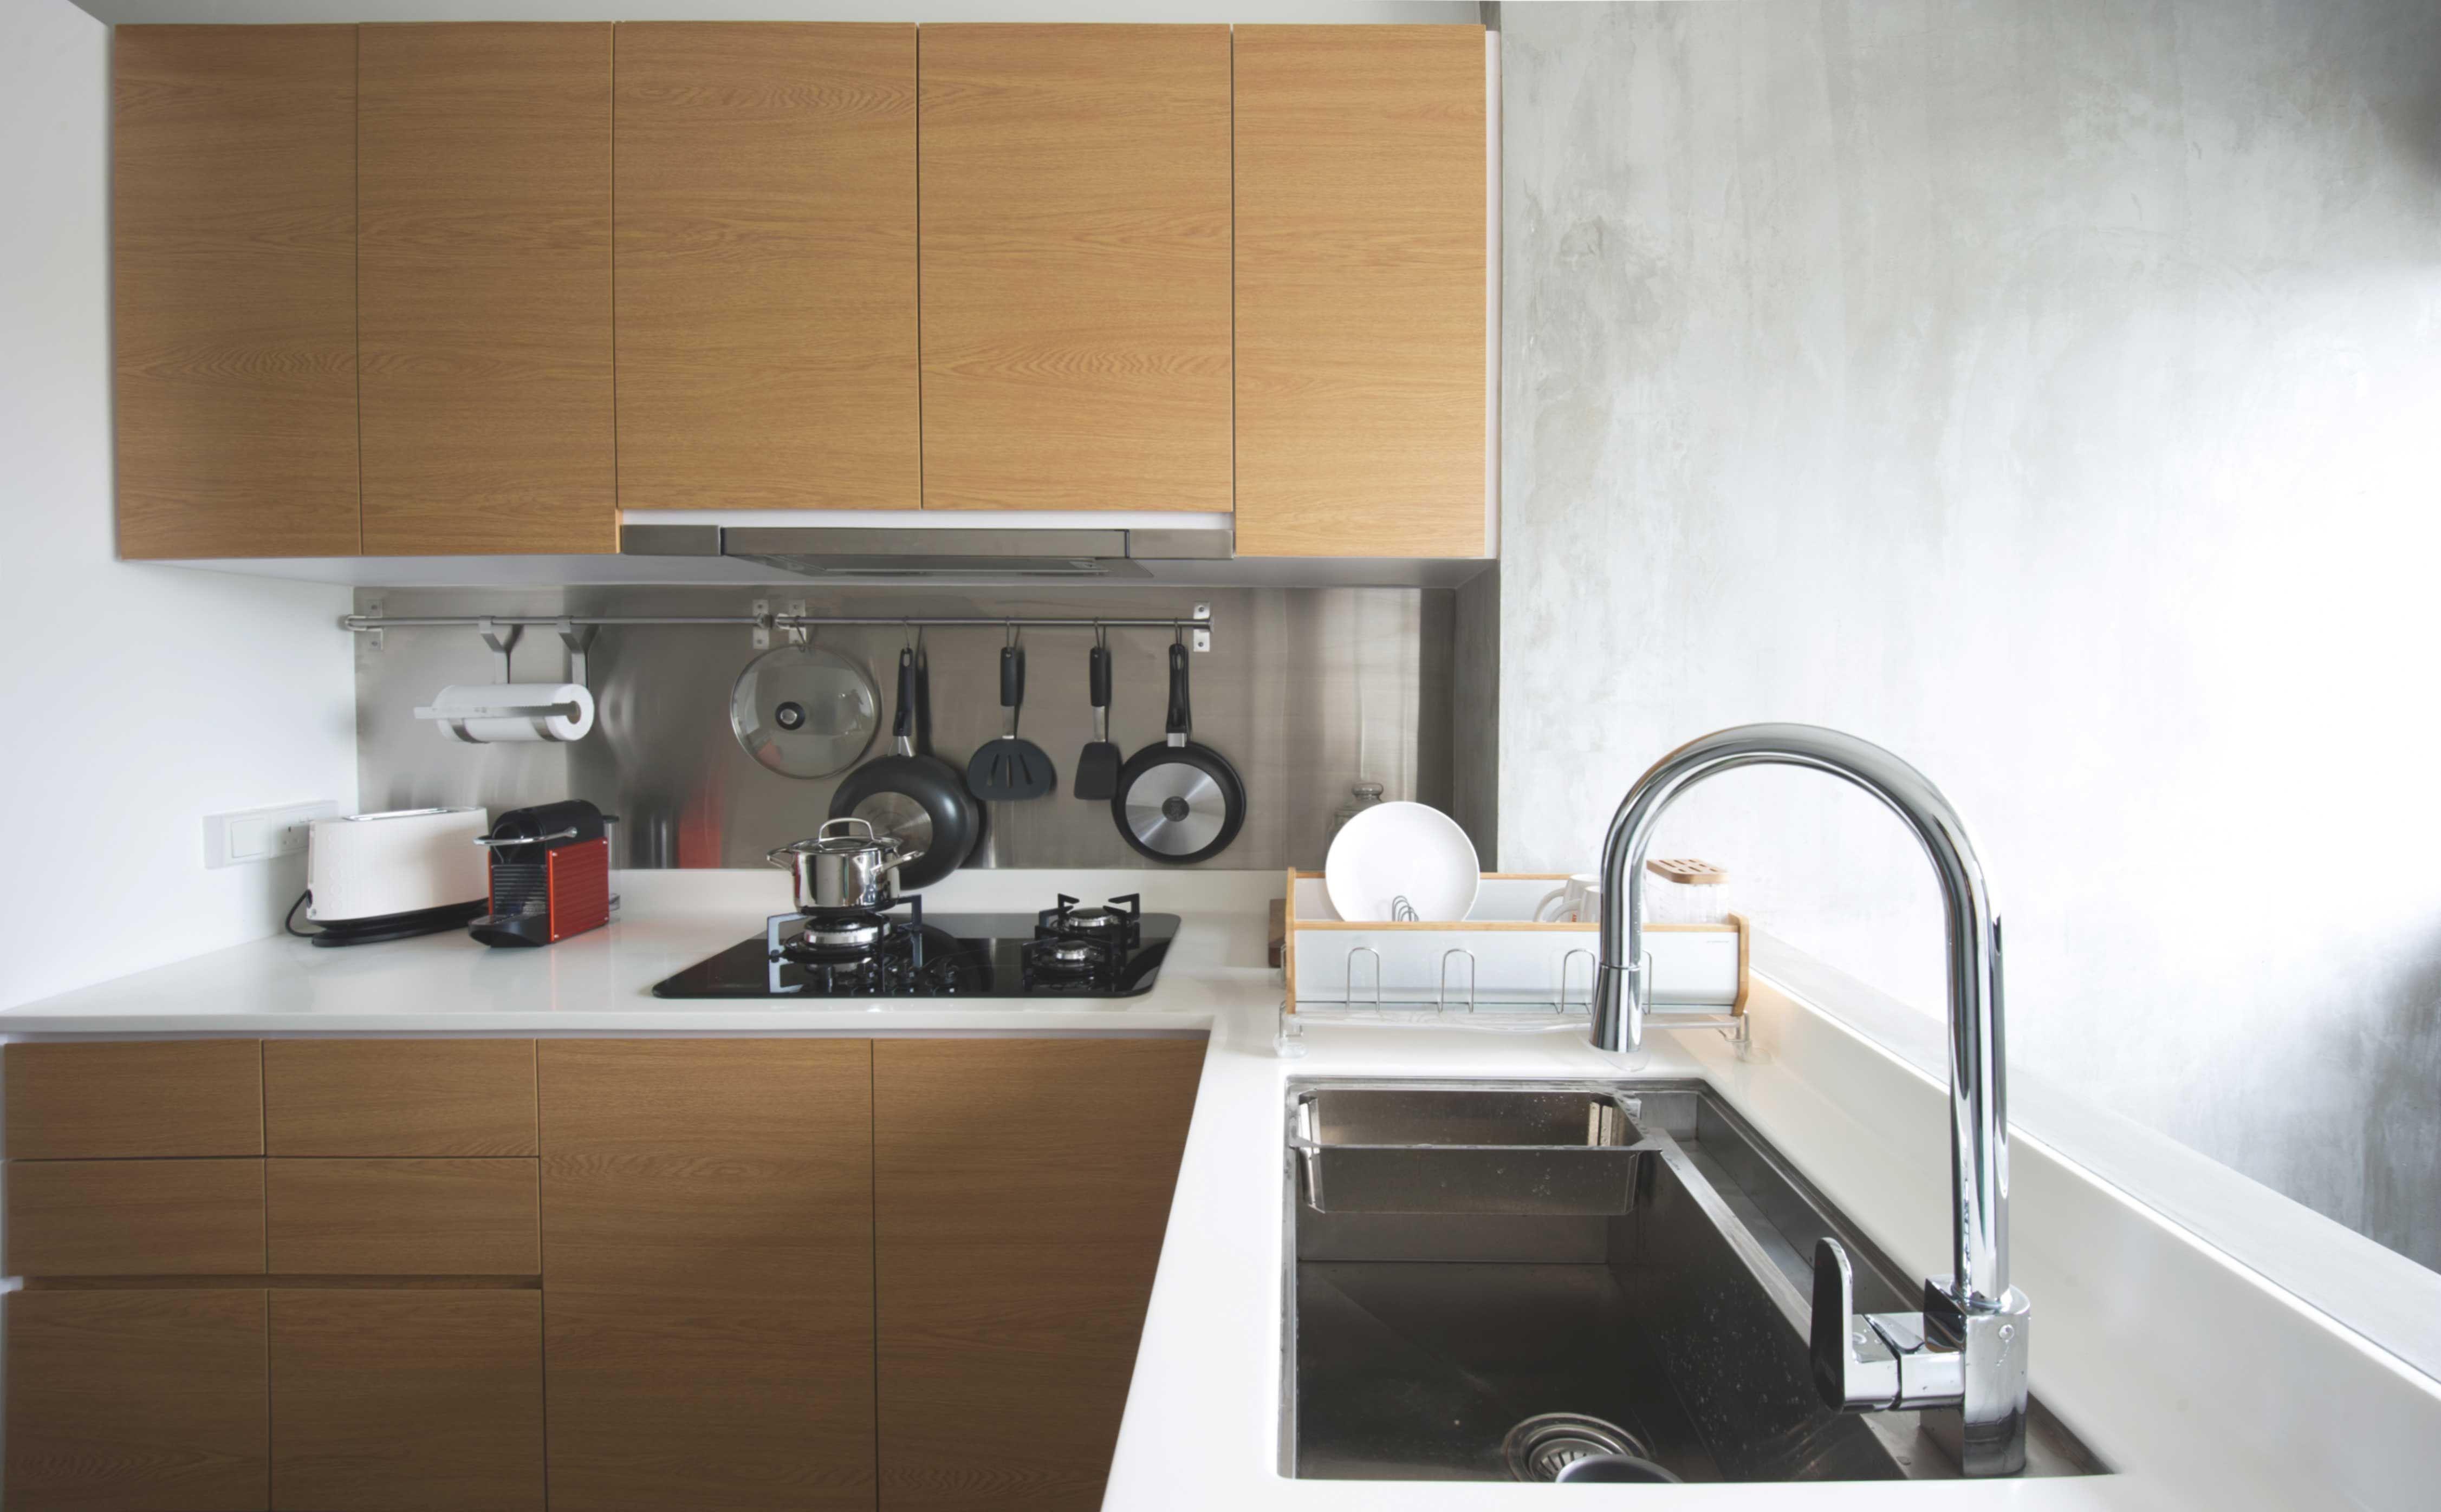 Kitchen Home Decor Singapore Stainless Steel Backsplash Kitchen Interior Design Modern Modern Kitchen